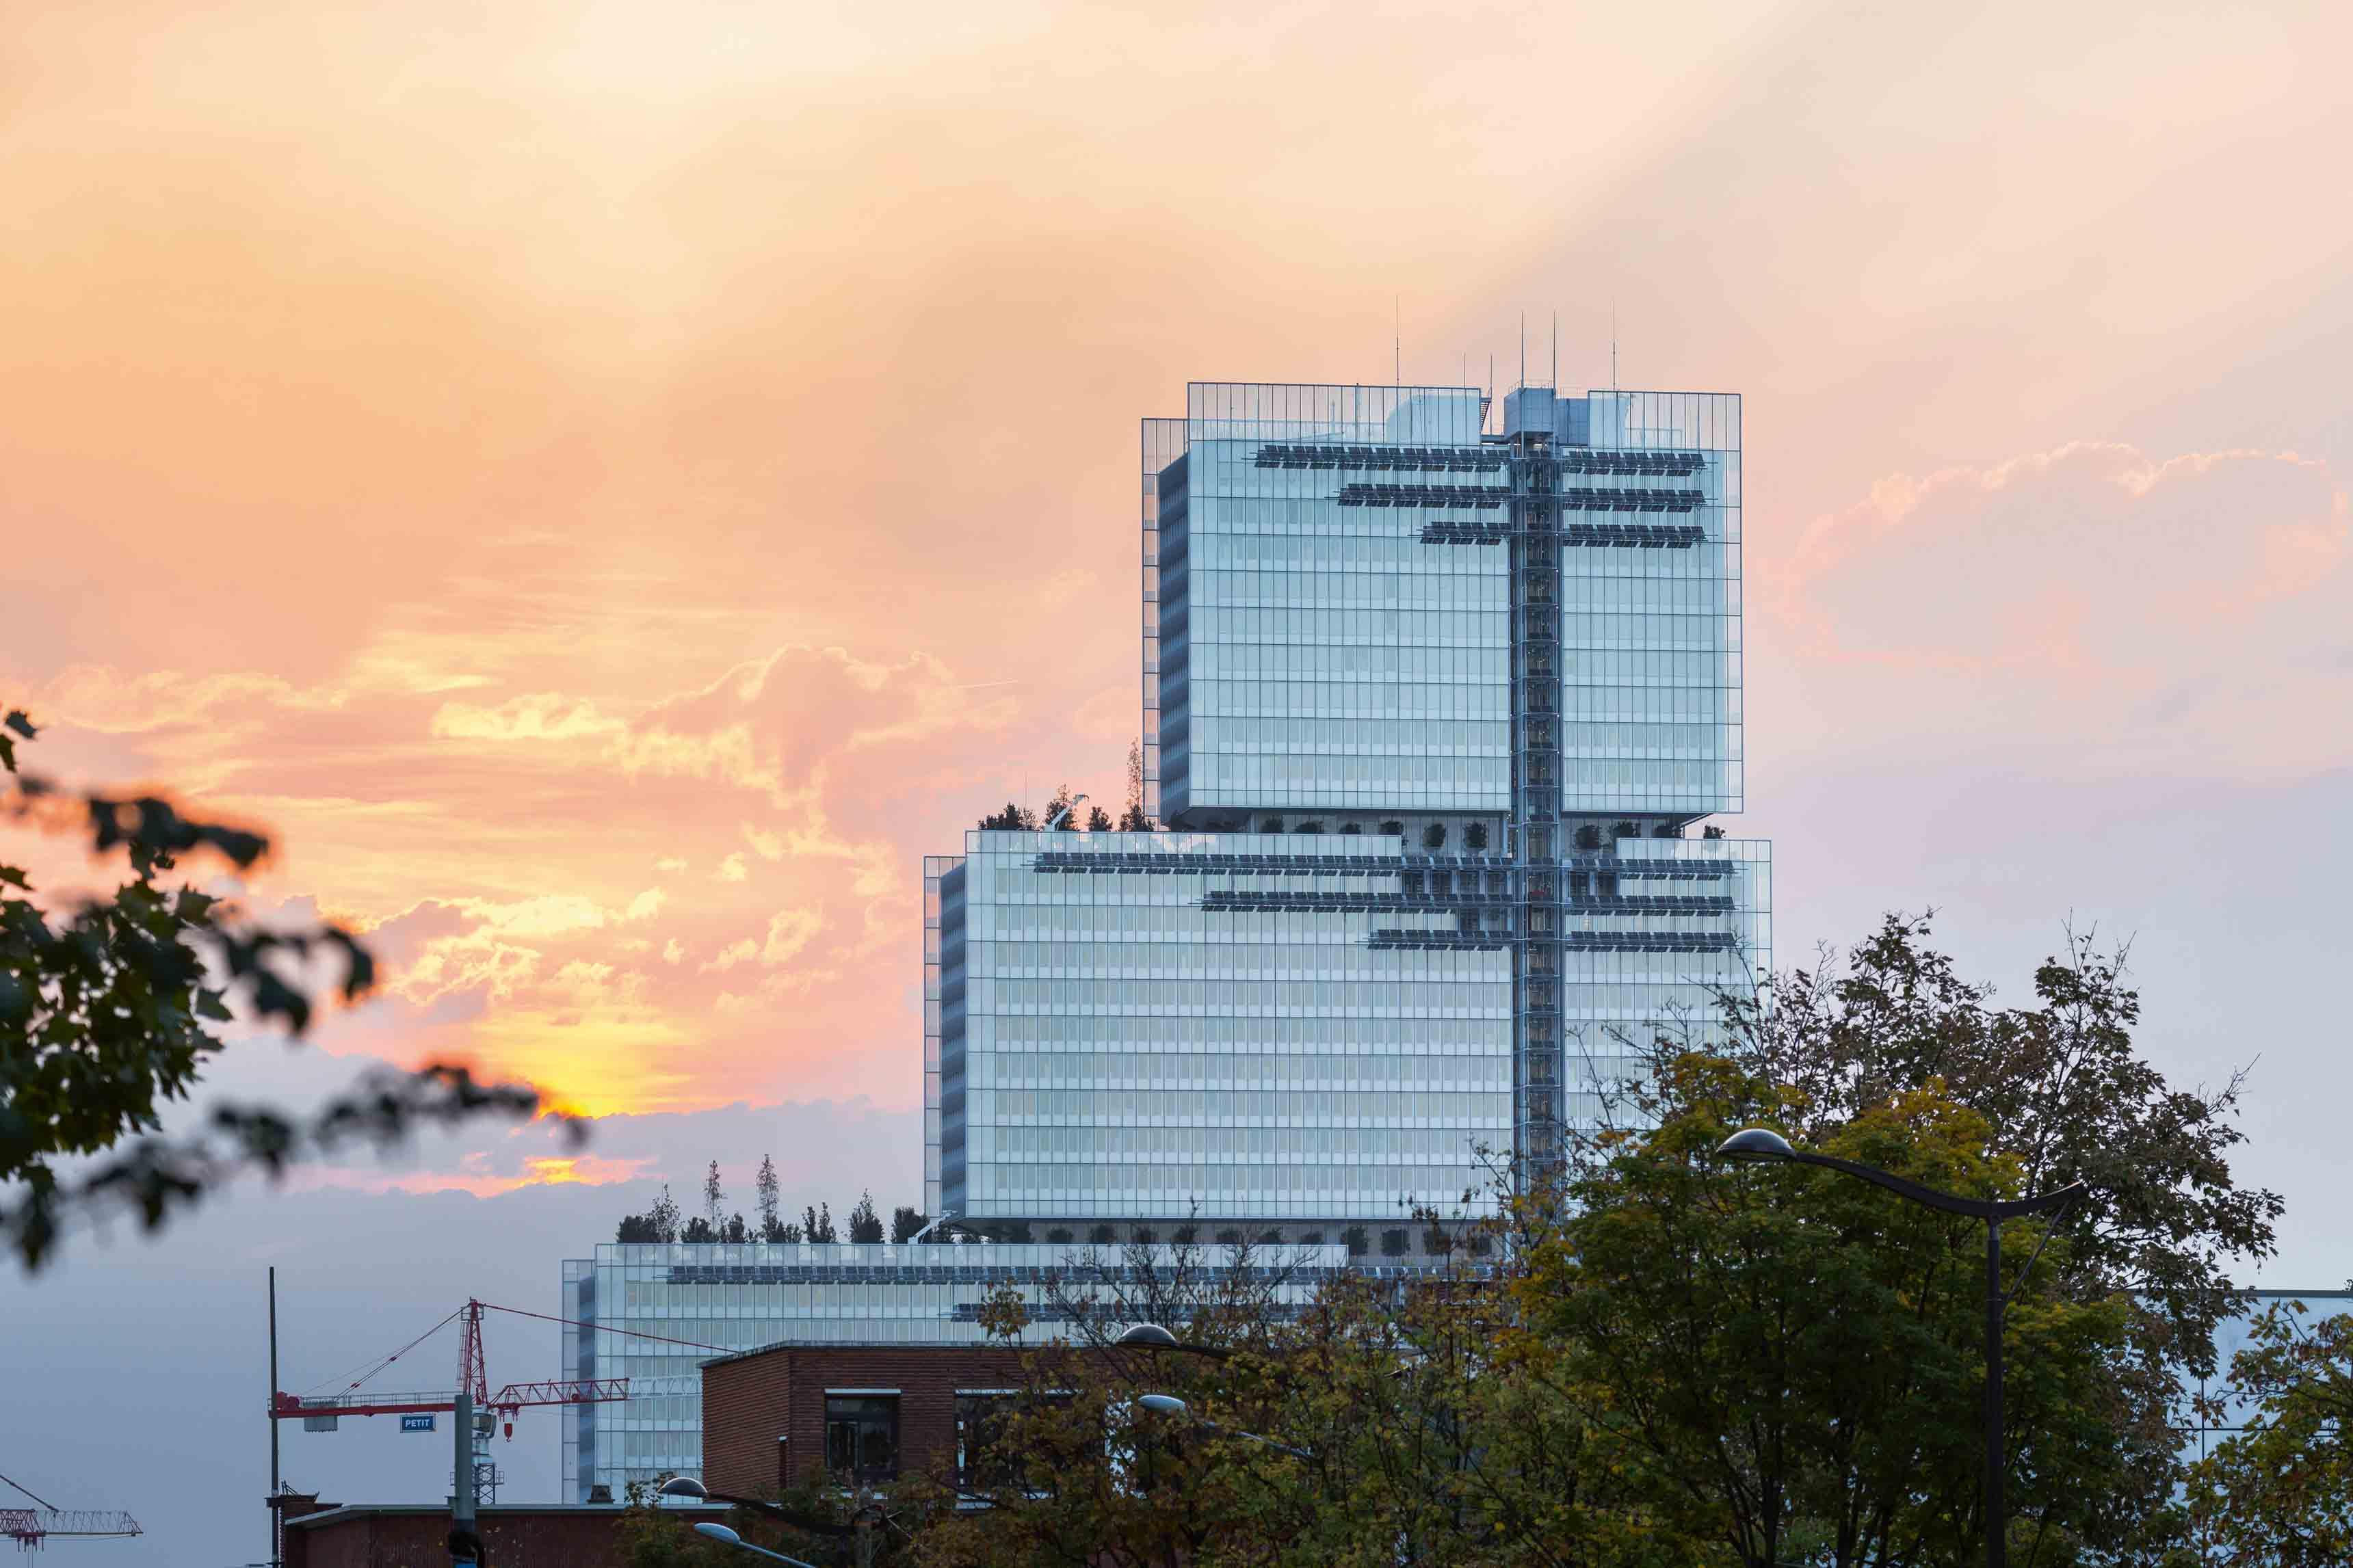 Vue de la façade est du nouveau Palais de justice de Paris, construit par Renzo Piano Building Workshop.